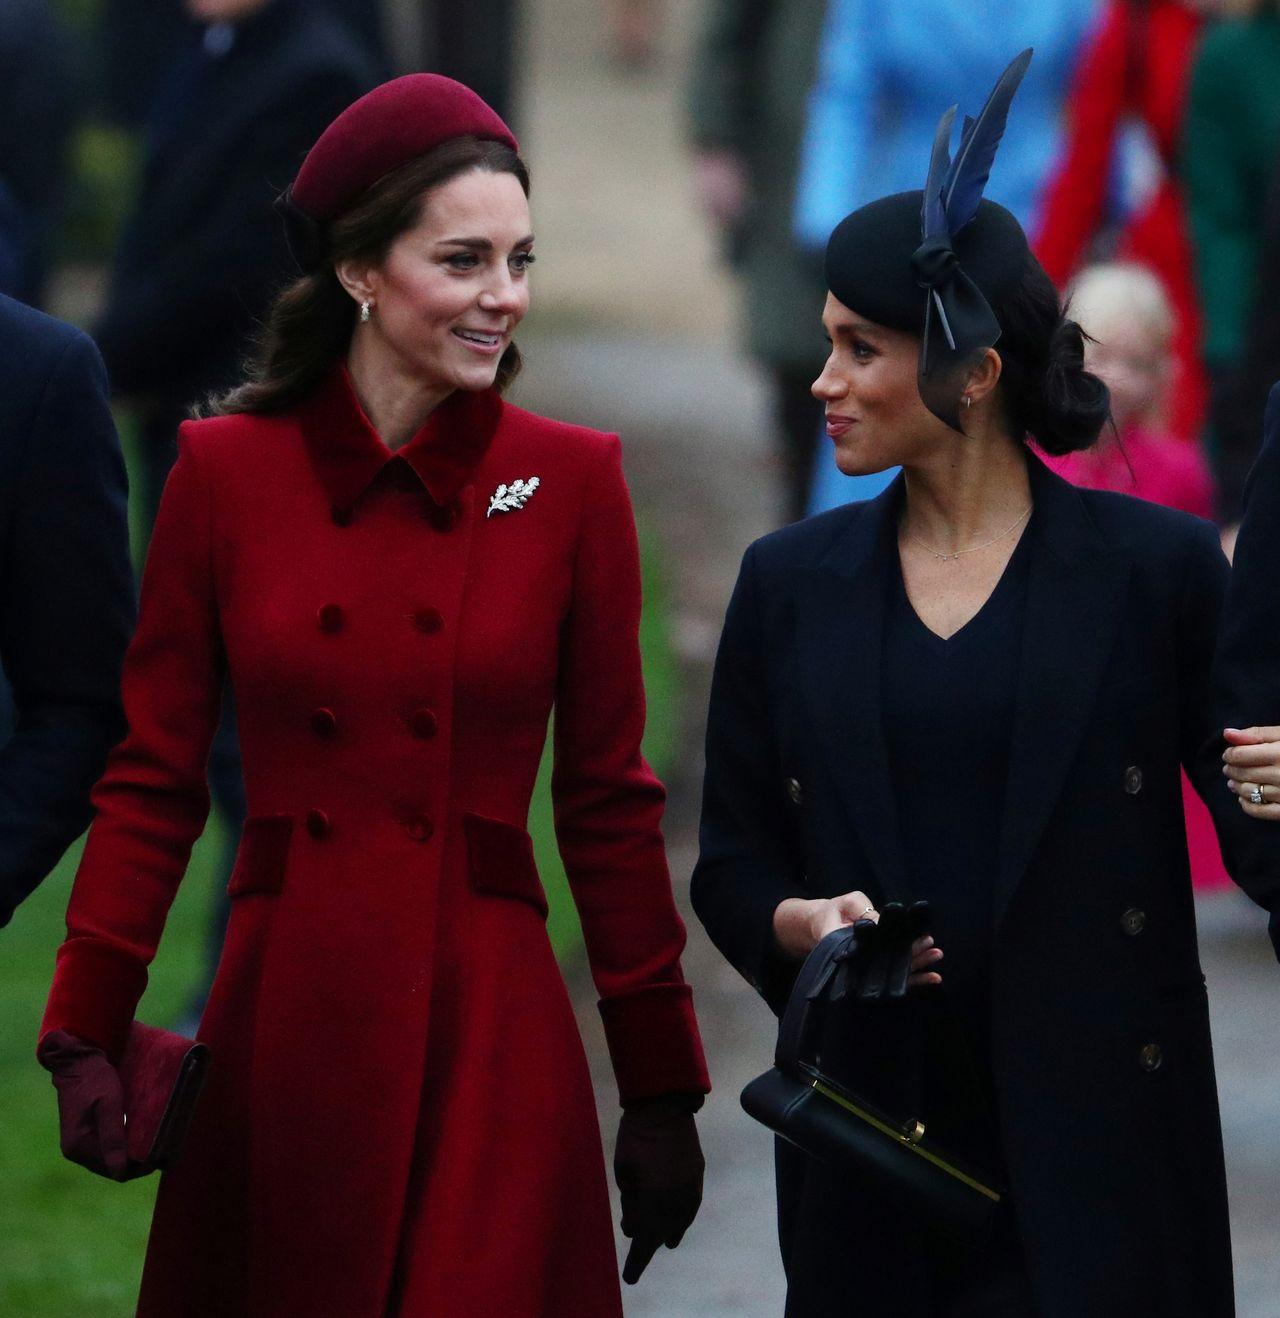 Kate i Meghan WYGARNĘŁY sobie wszystko w święta! To nie koniec ich konfliktu